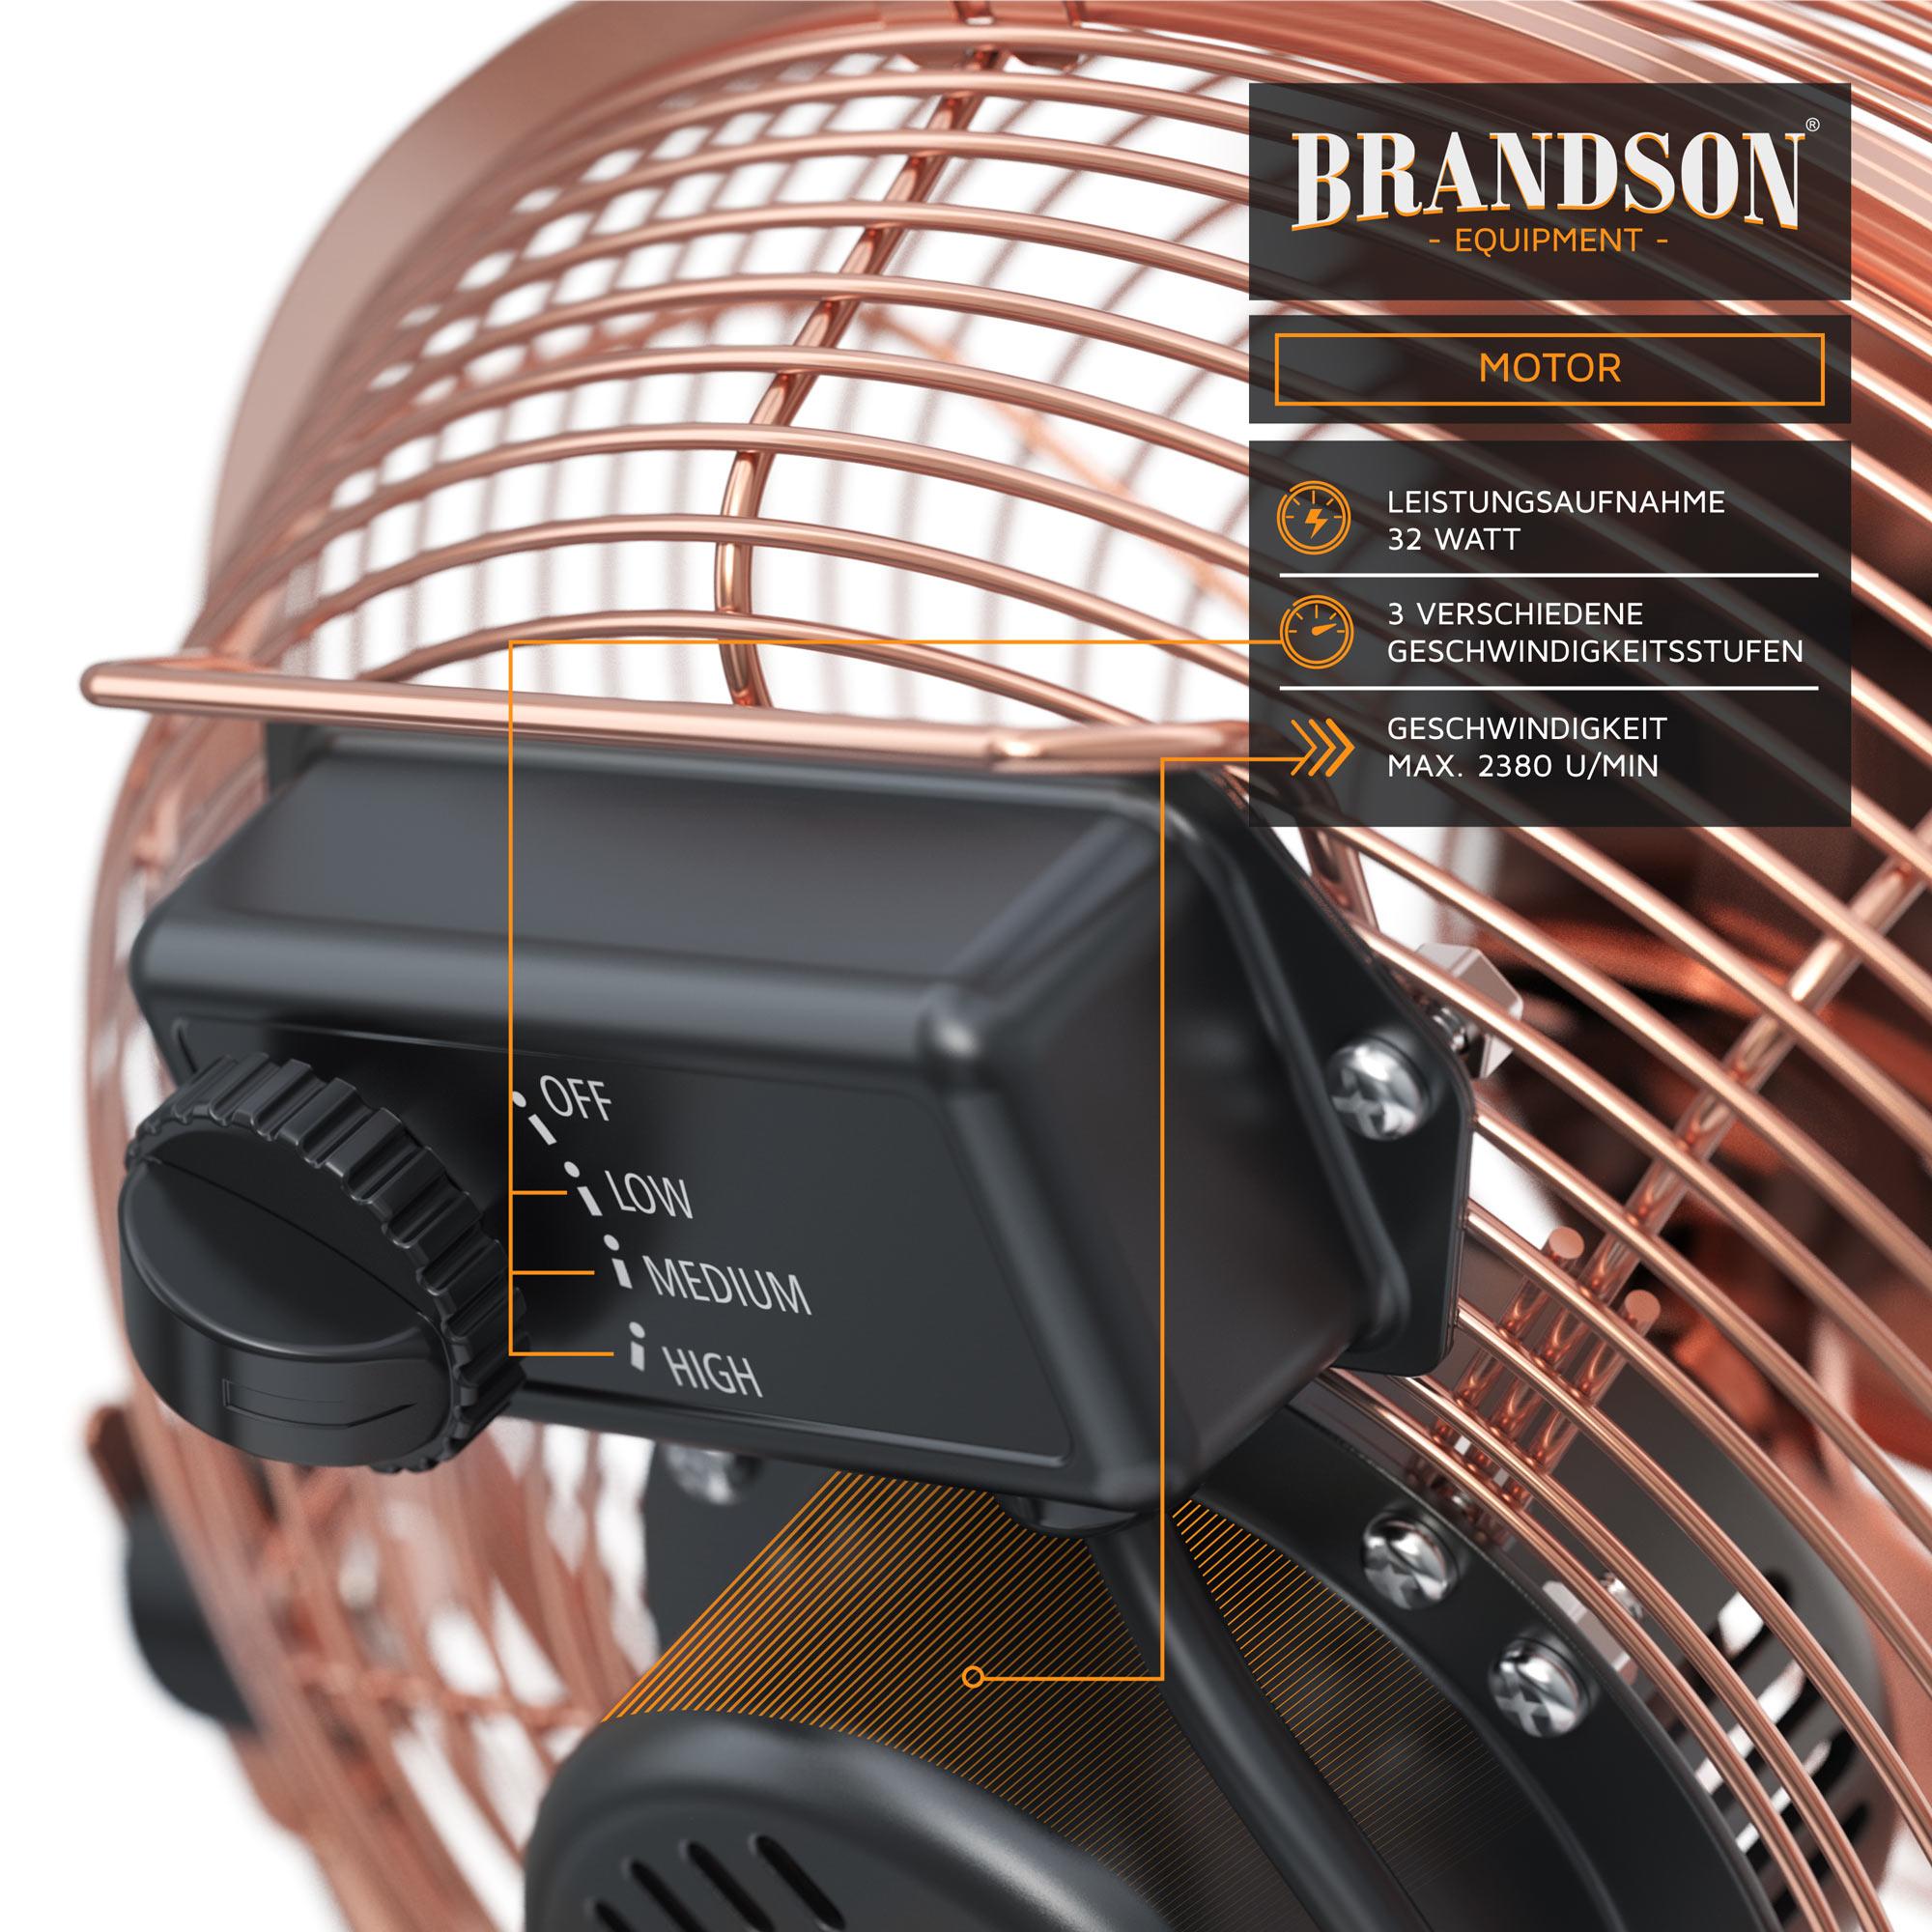 Ventilator_303397_grafik2.jpg